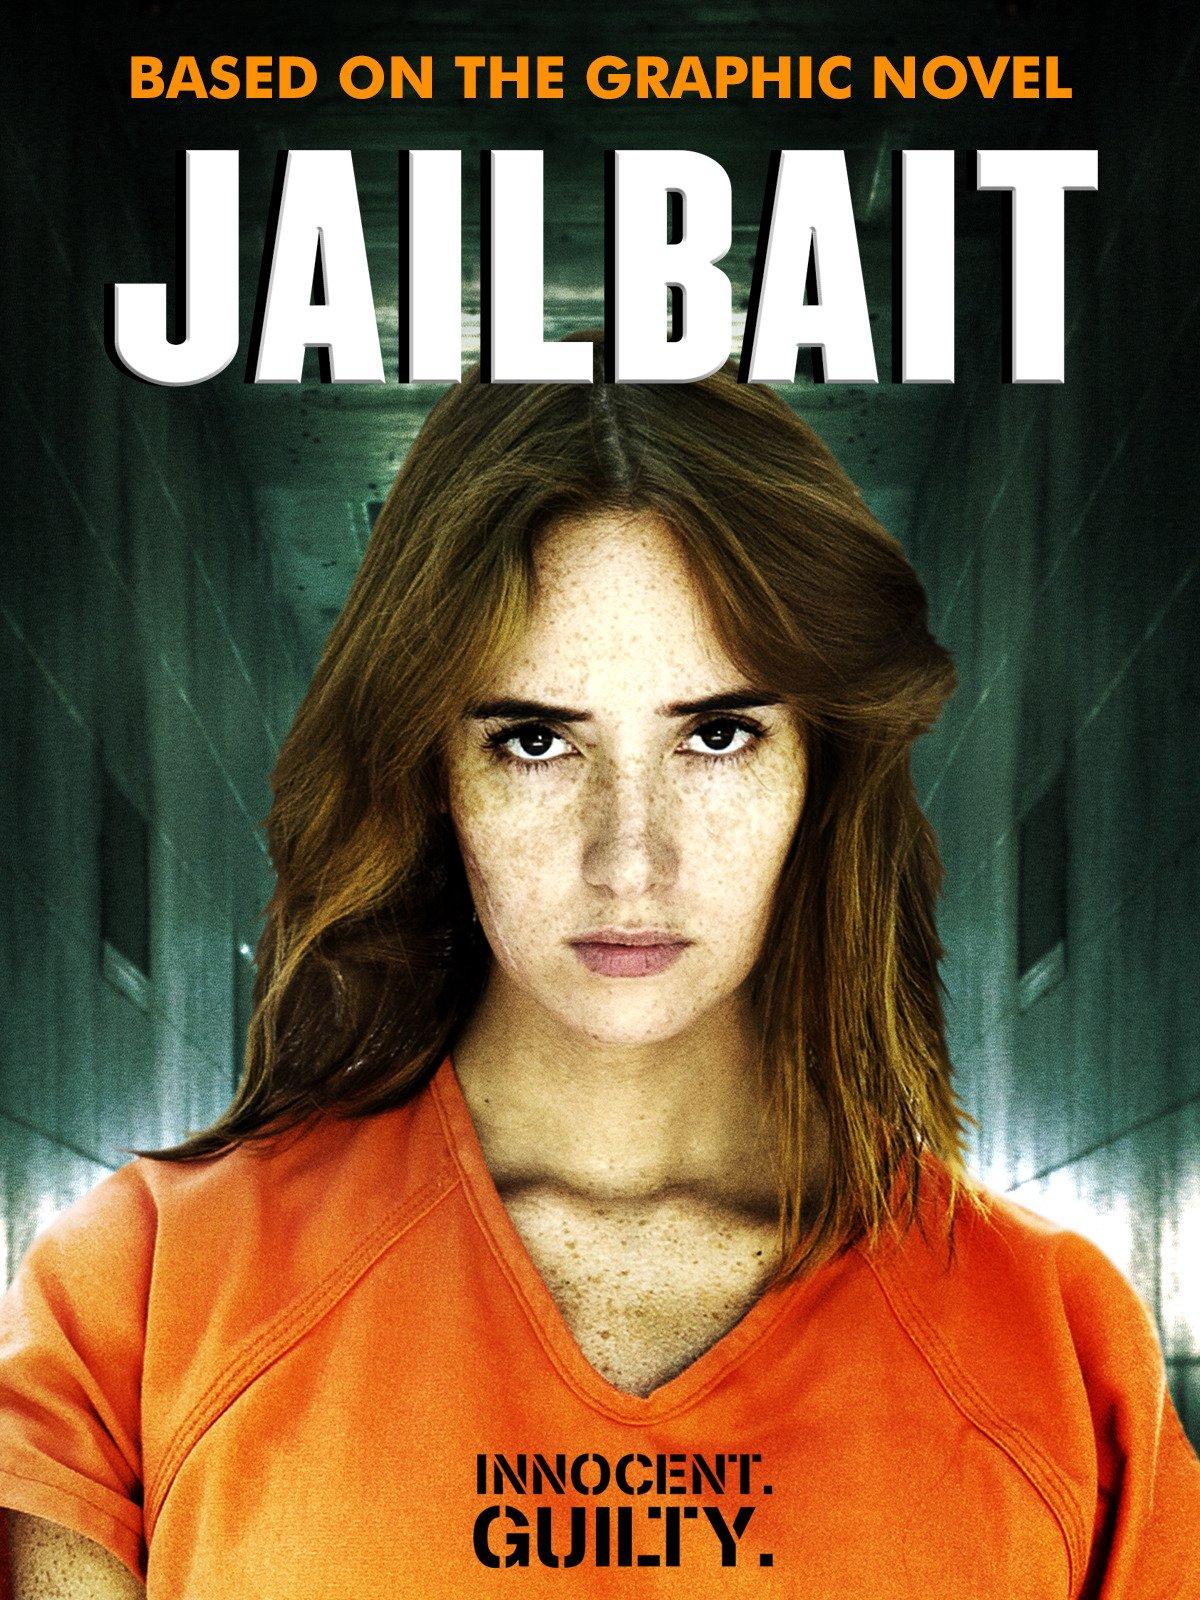 Naked jail bait groups